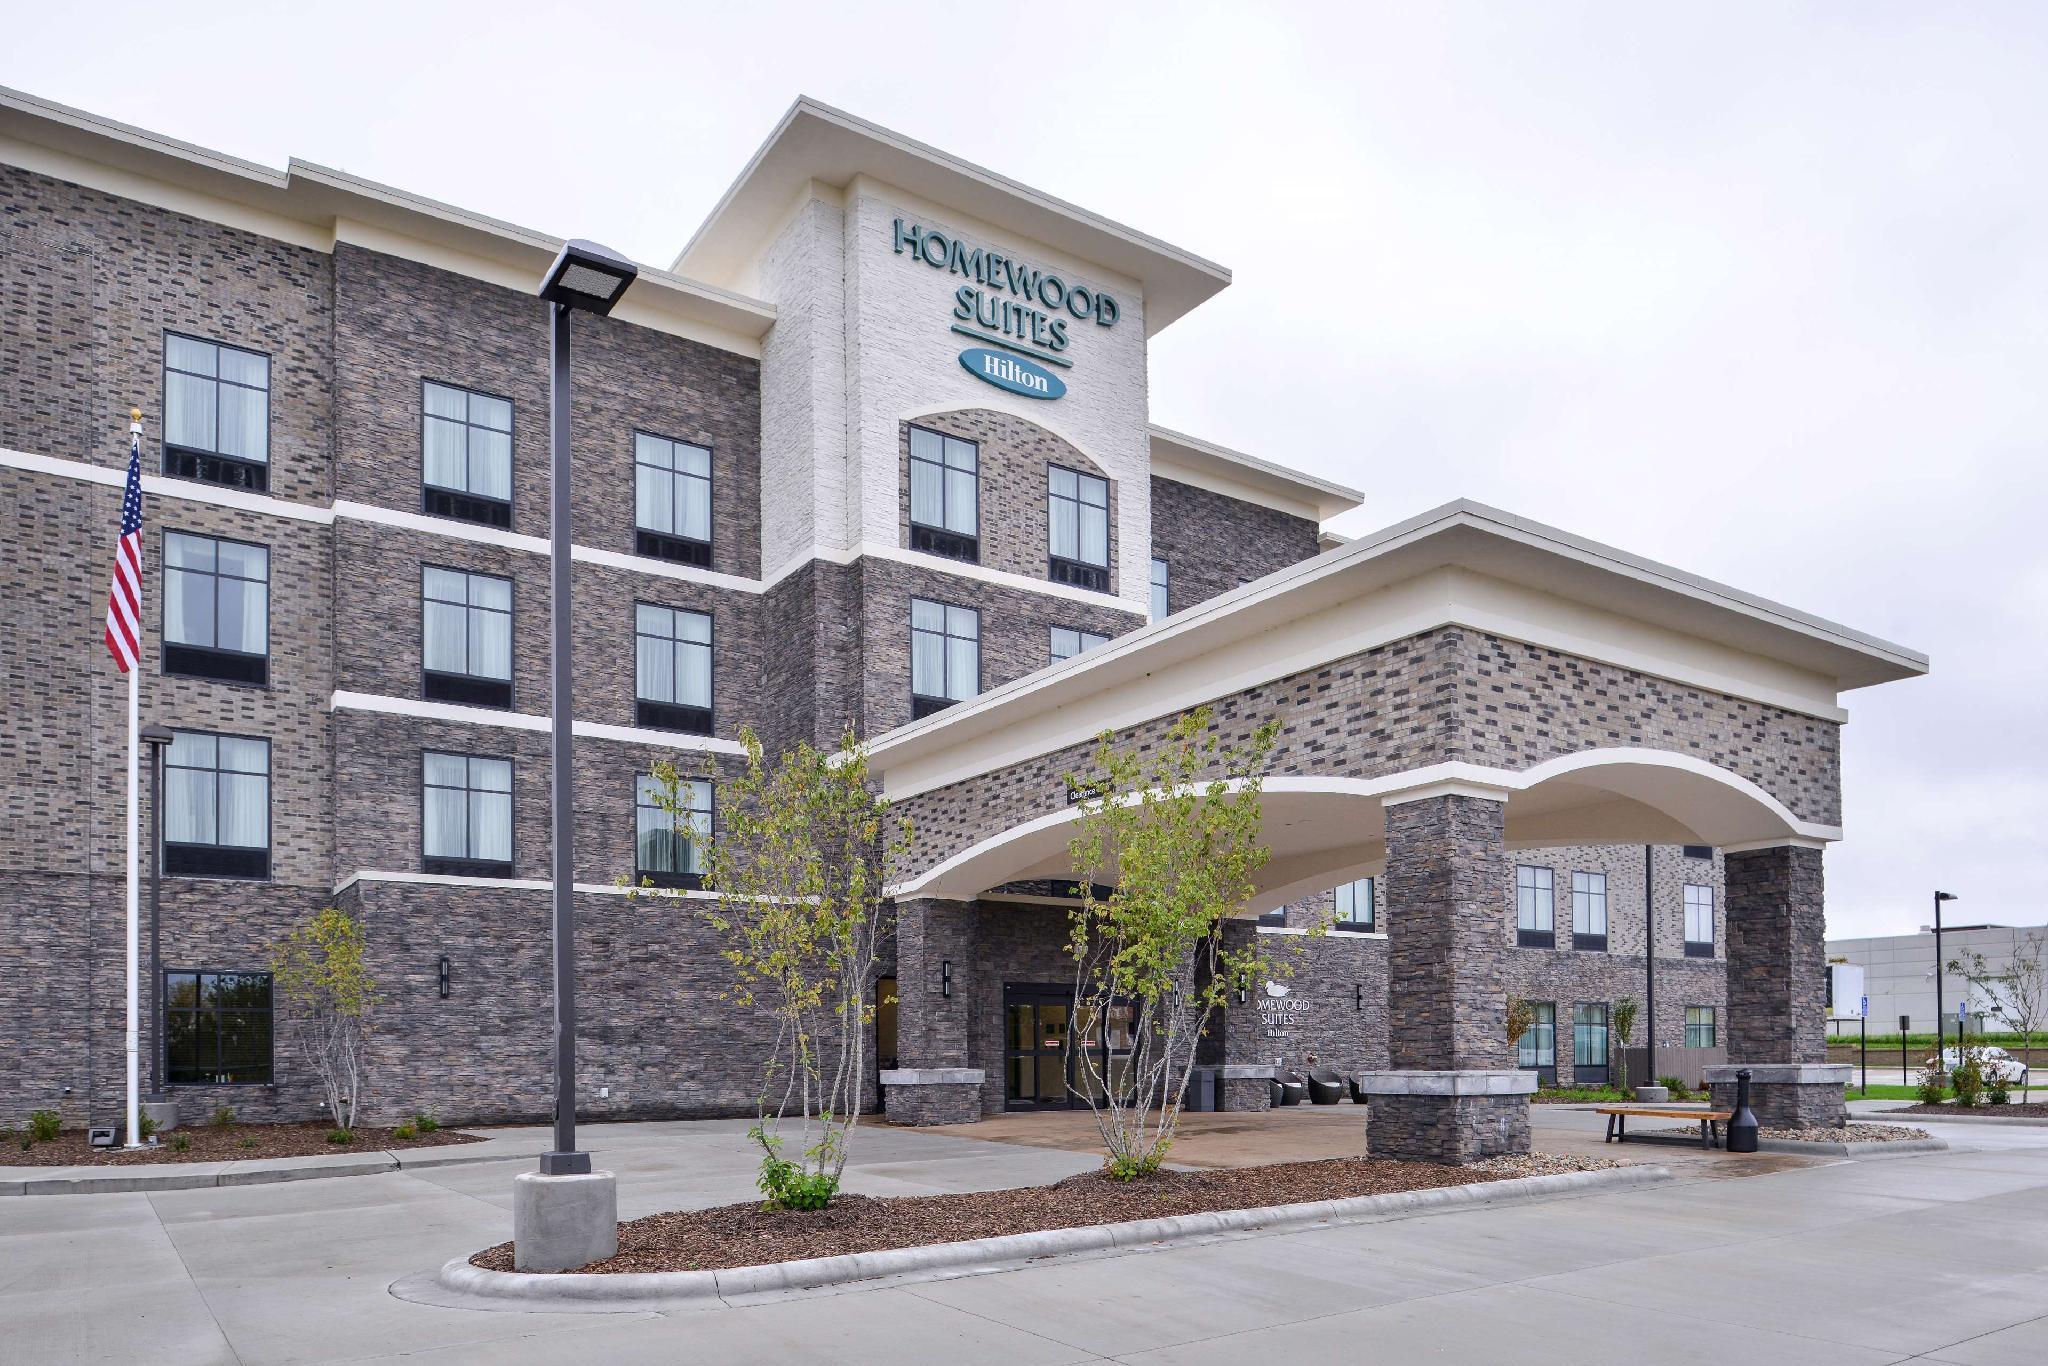 Homewood Suites By Hilton Des Moines Airport